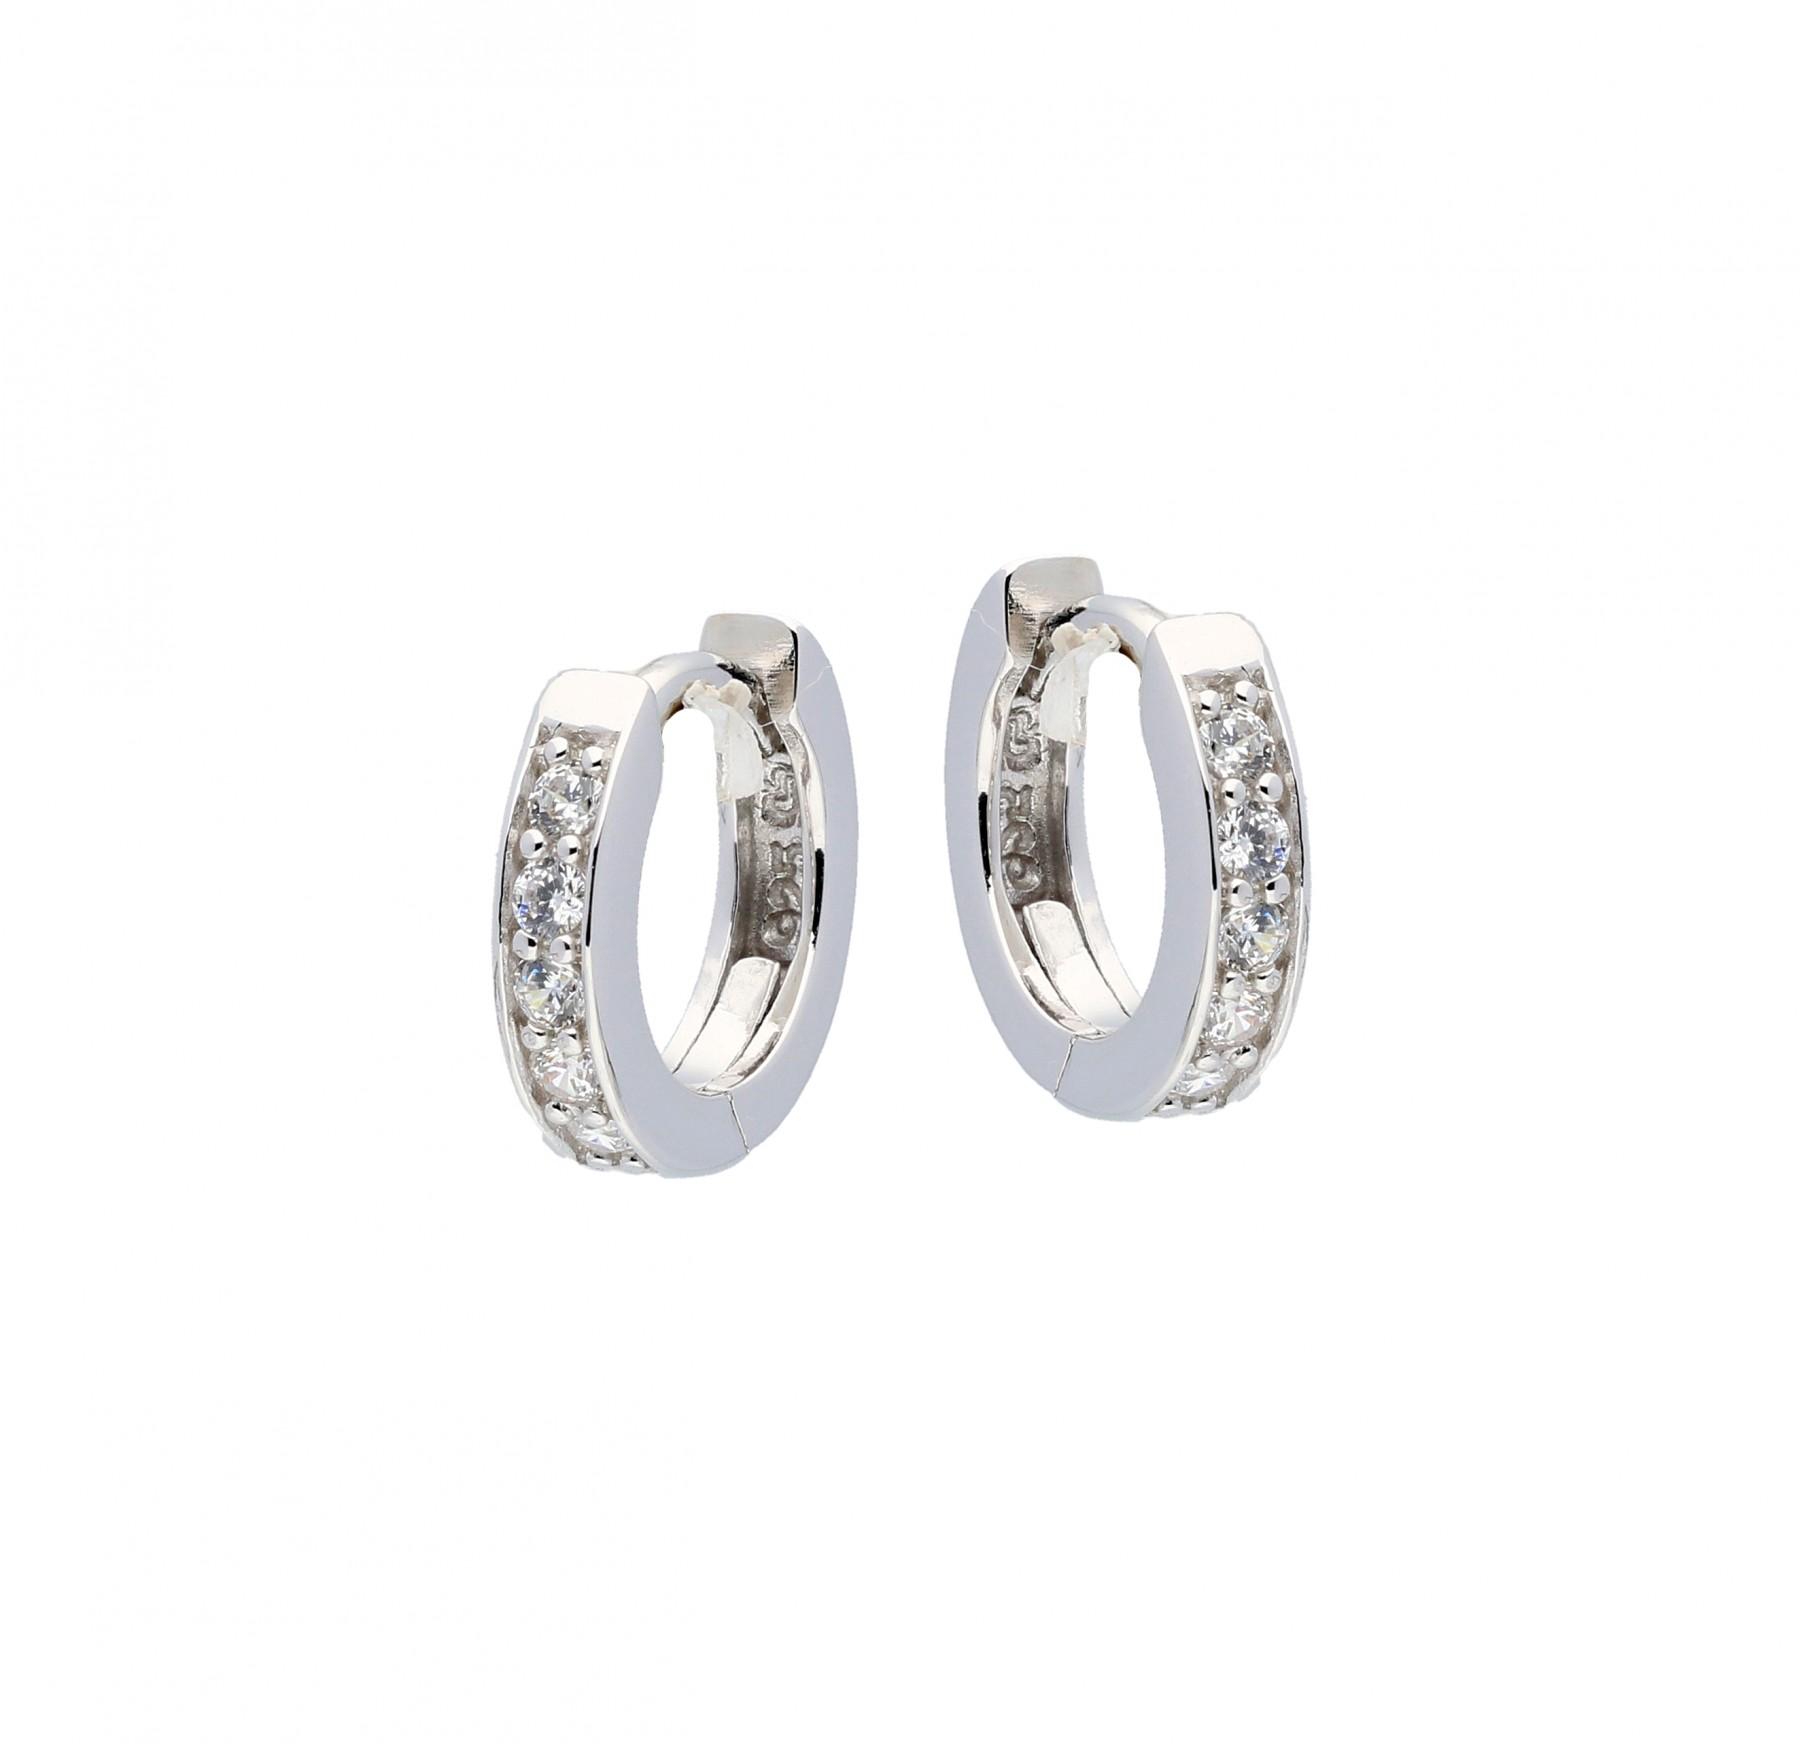 Zilveren klapcreolen - zirkonia - 3 x 12 mm - vierkante buis - gerodineerd 107.0486.10